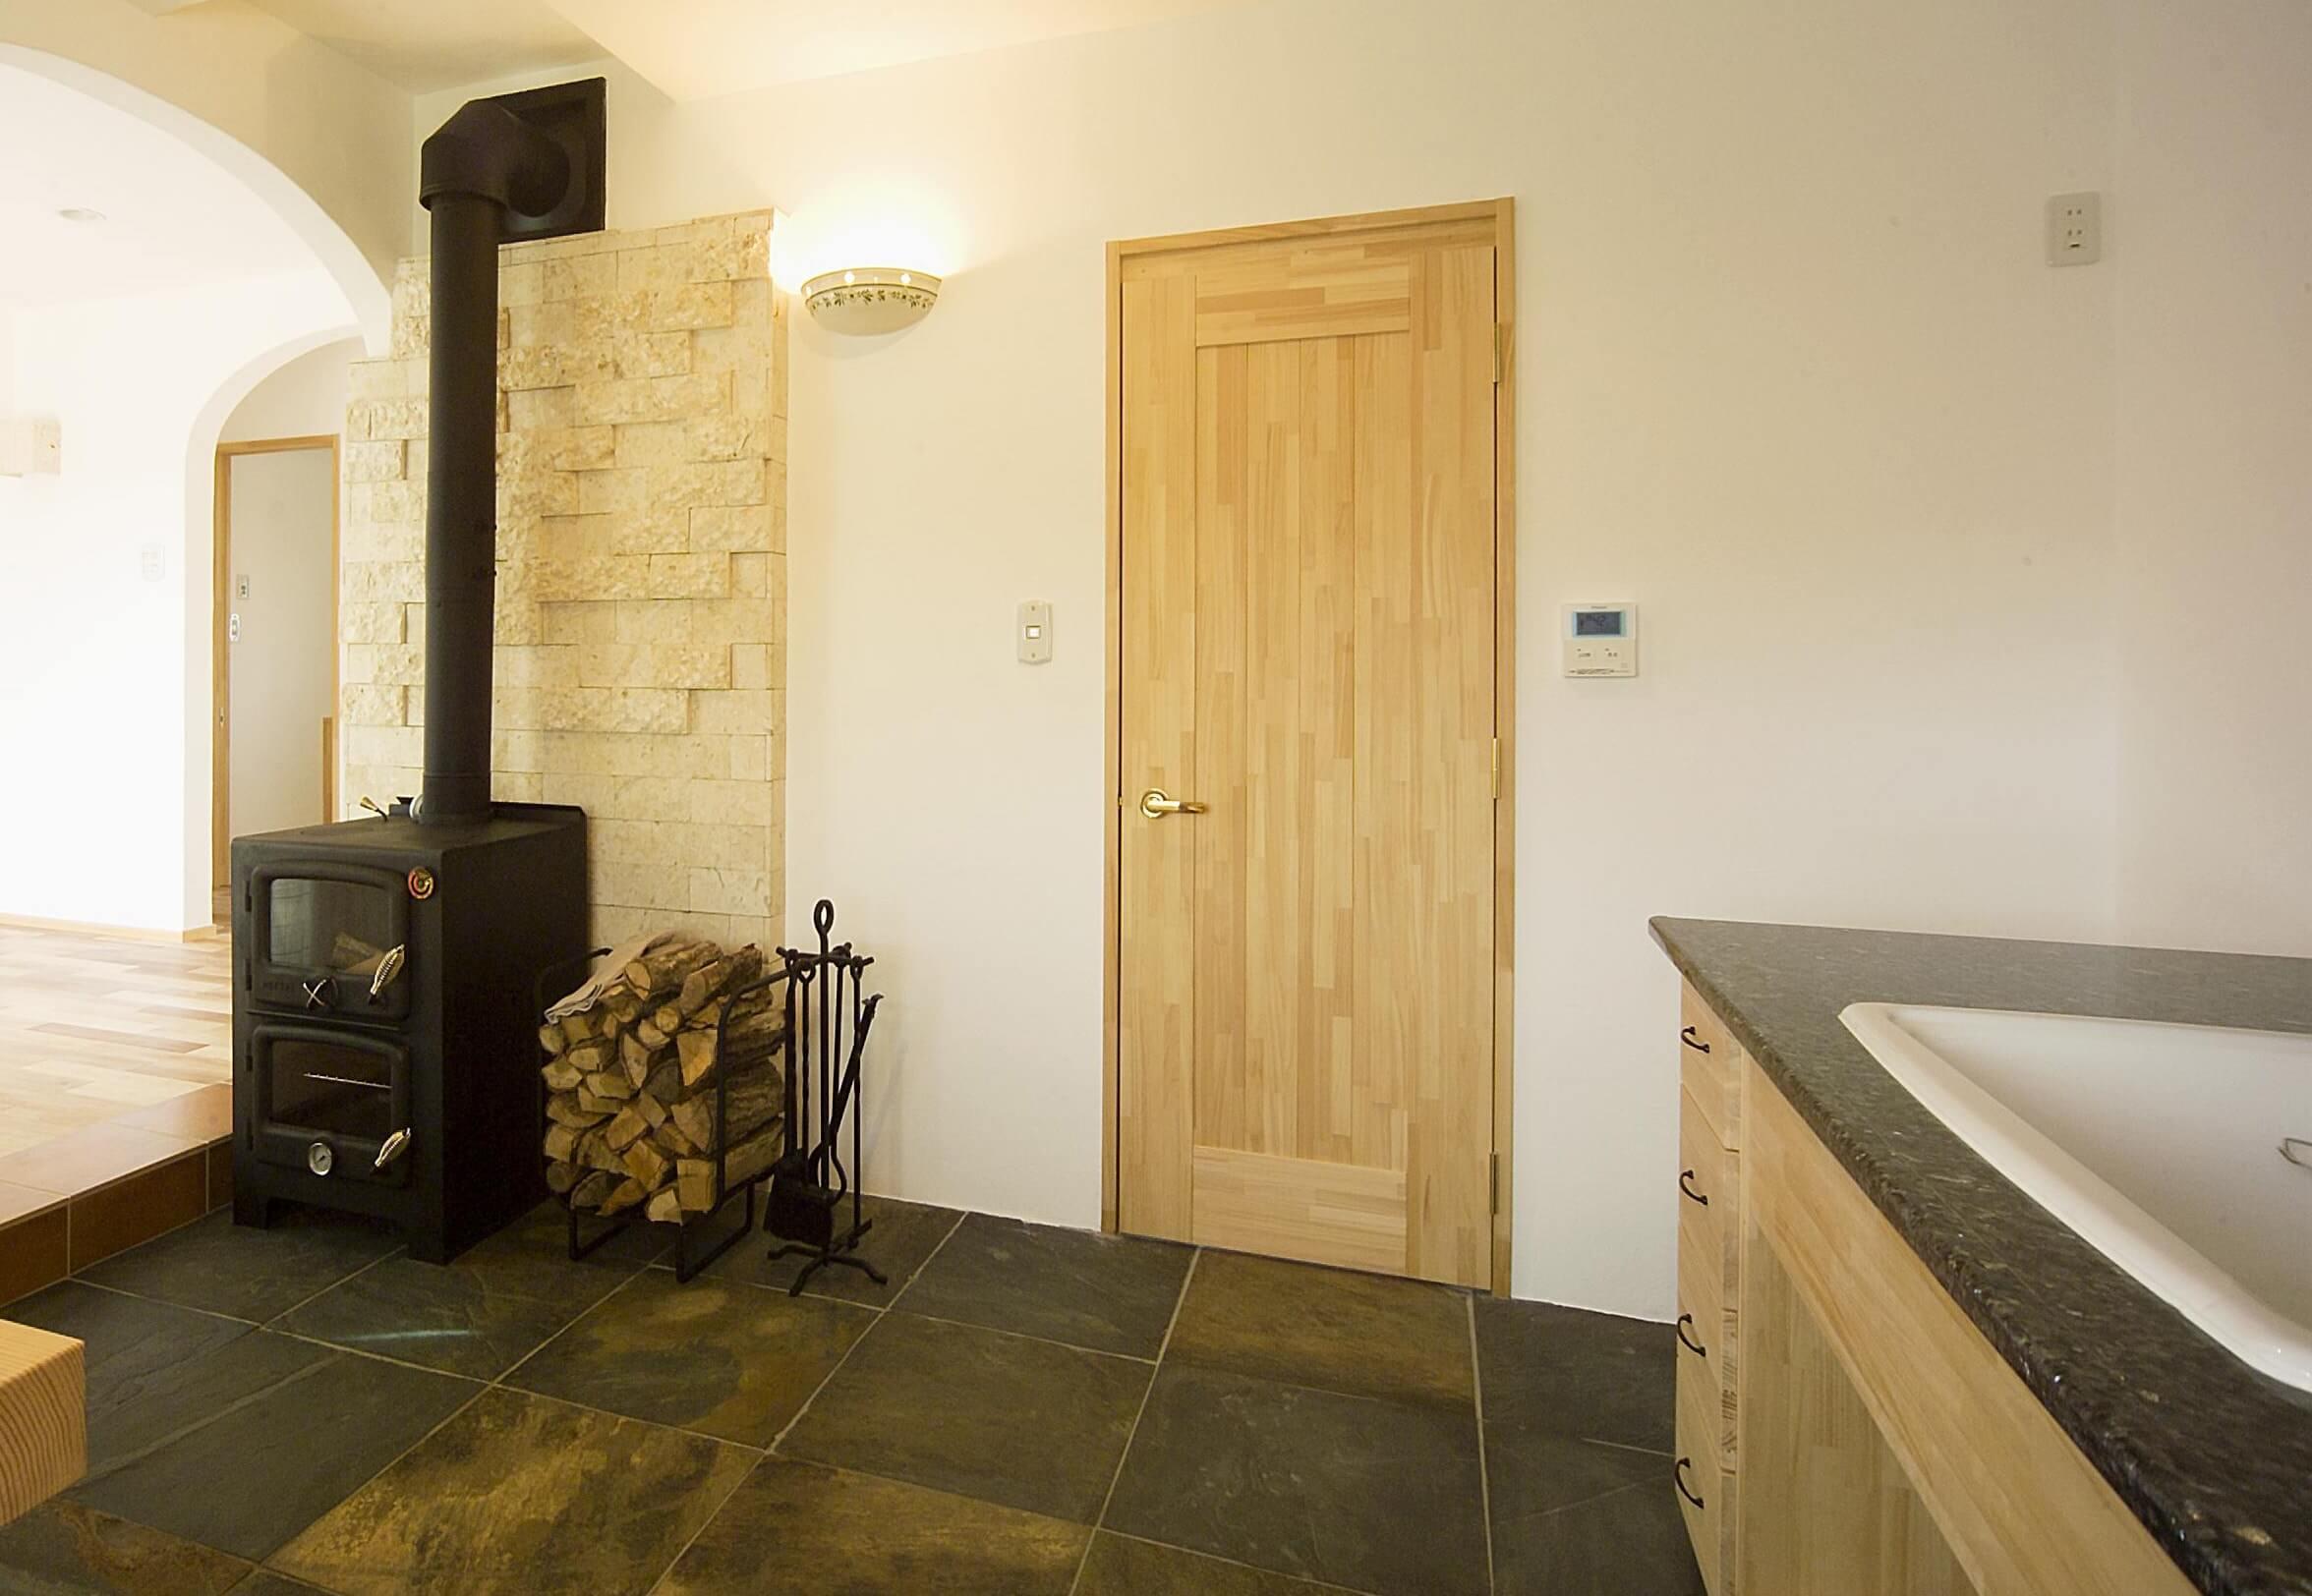 地下室を作るメリットやデメリット、地下室はどんな部屋に適しているかを紹介します